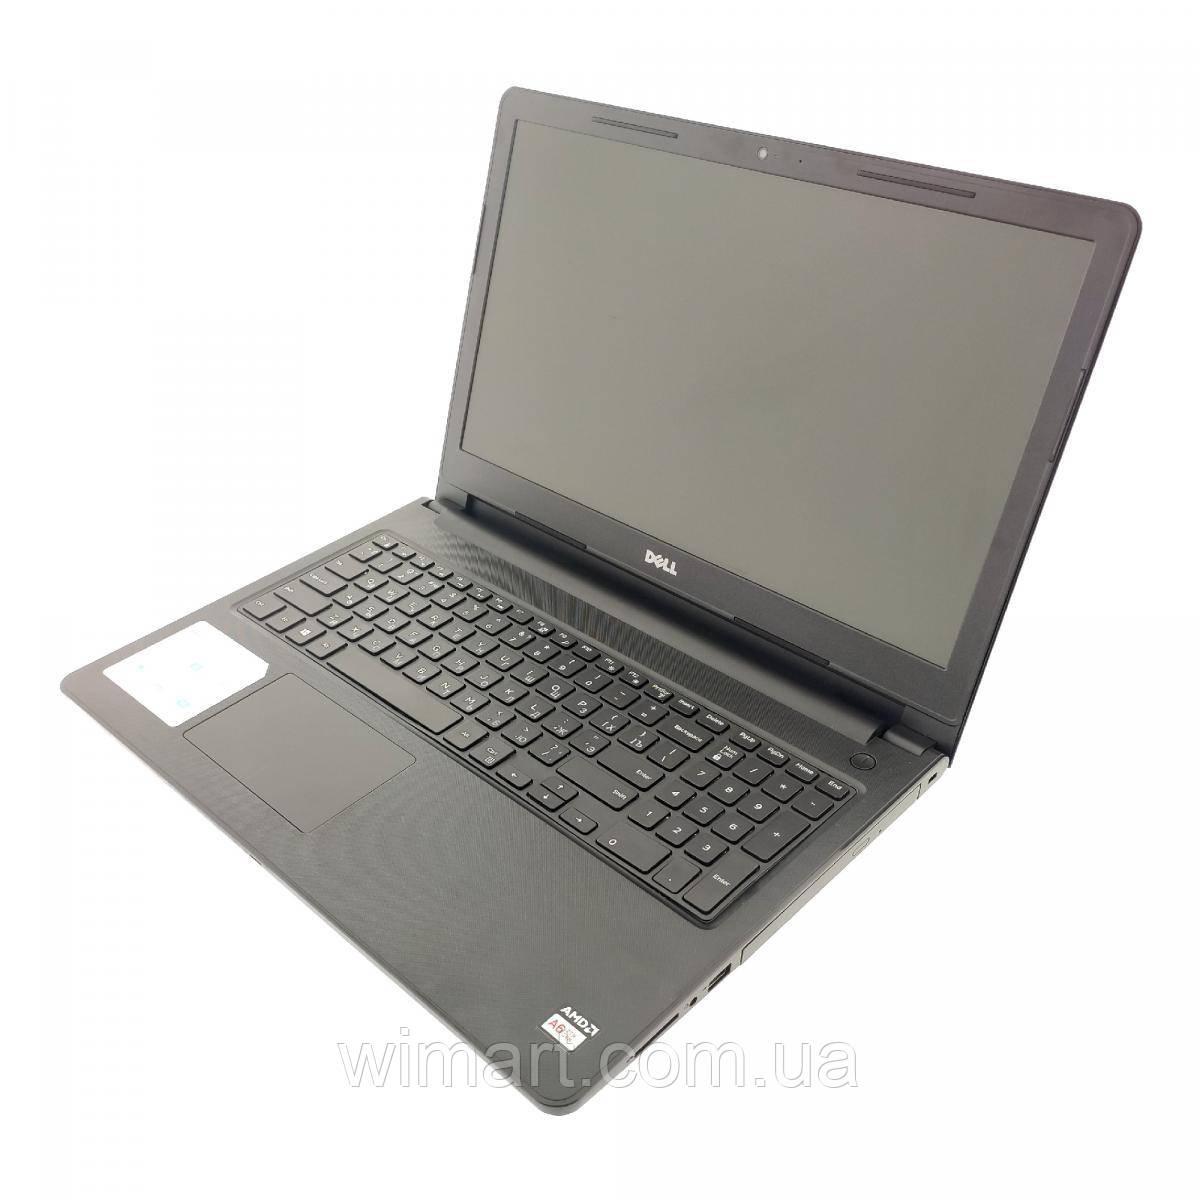 """Ноутбук Dell Inspiron 15-3565 15.6"""" AMD A6-9200 4GB DDR3 noHDD Б/У Класс Б"""